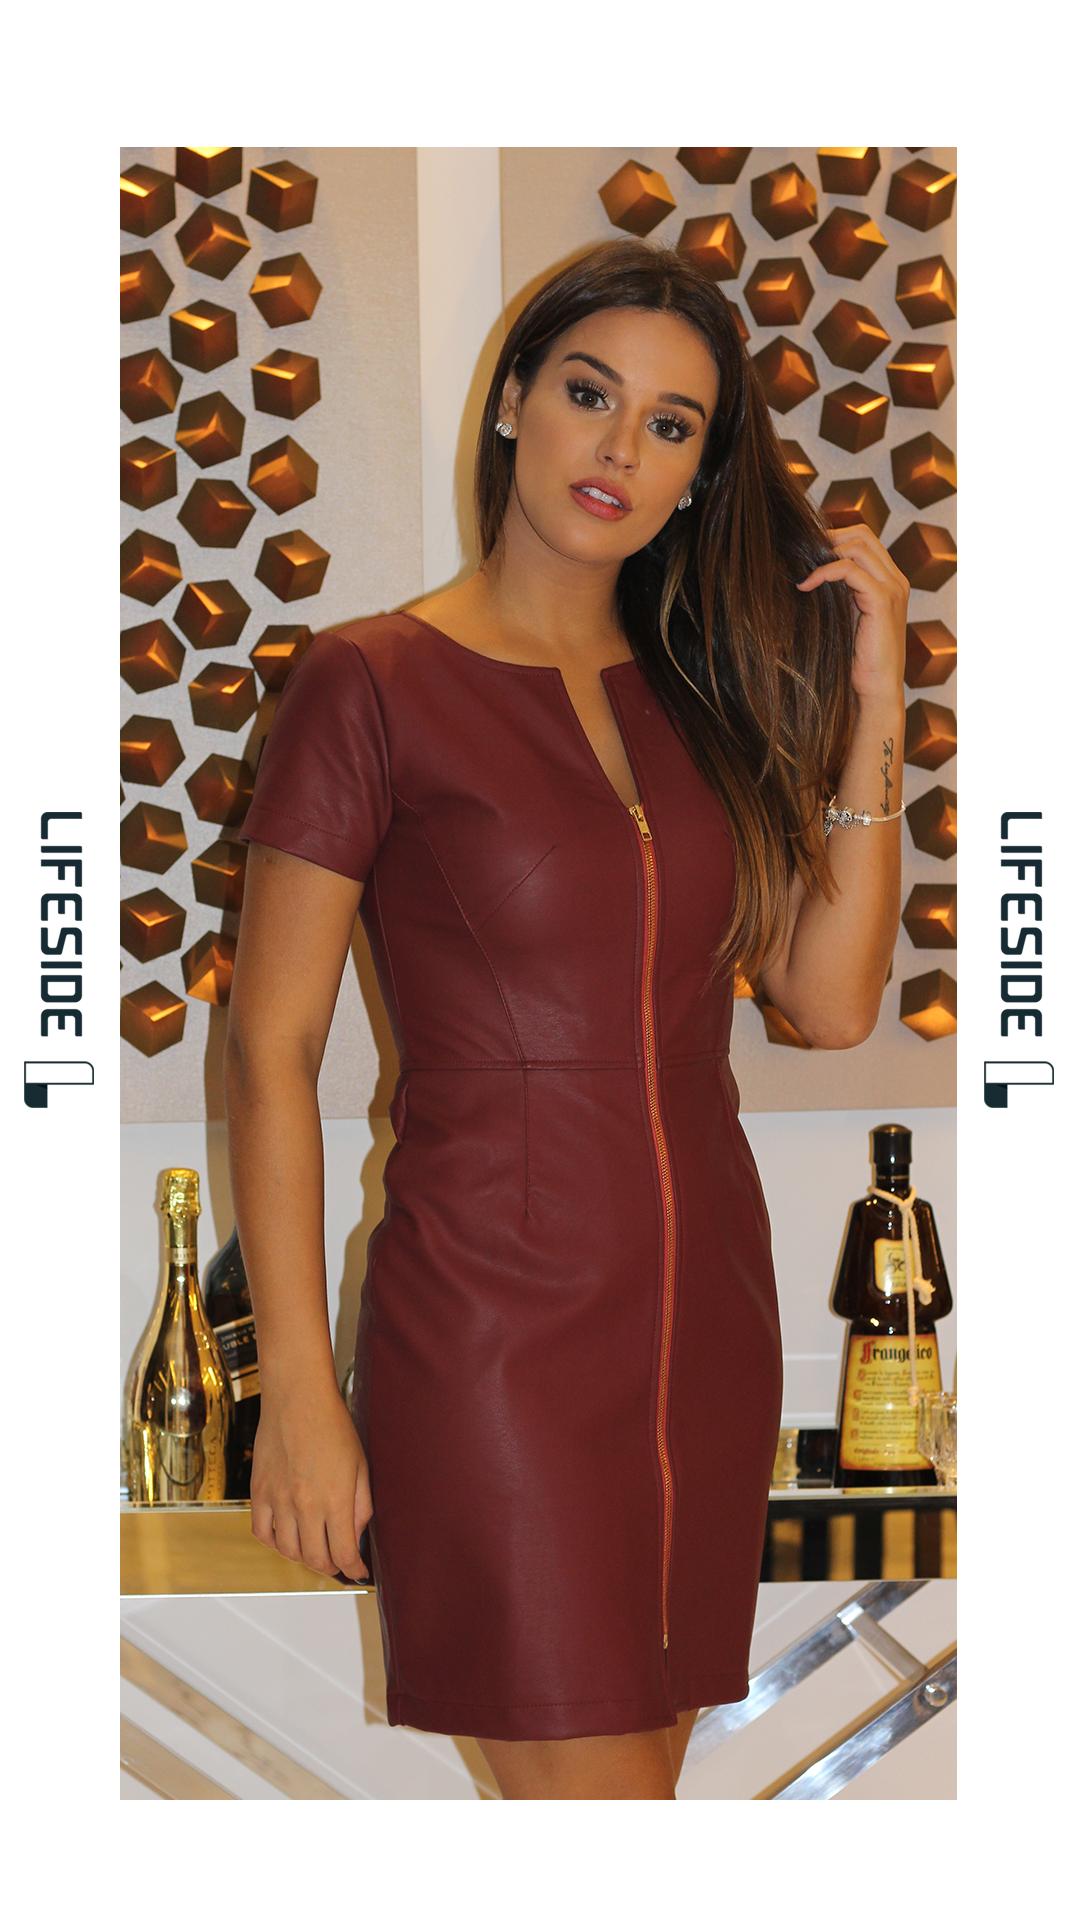 3bf4ed481efa Vestidos De Linho, Moda Executiva, Roupas Basicas, Look Trabalho, Vestido  Couro,